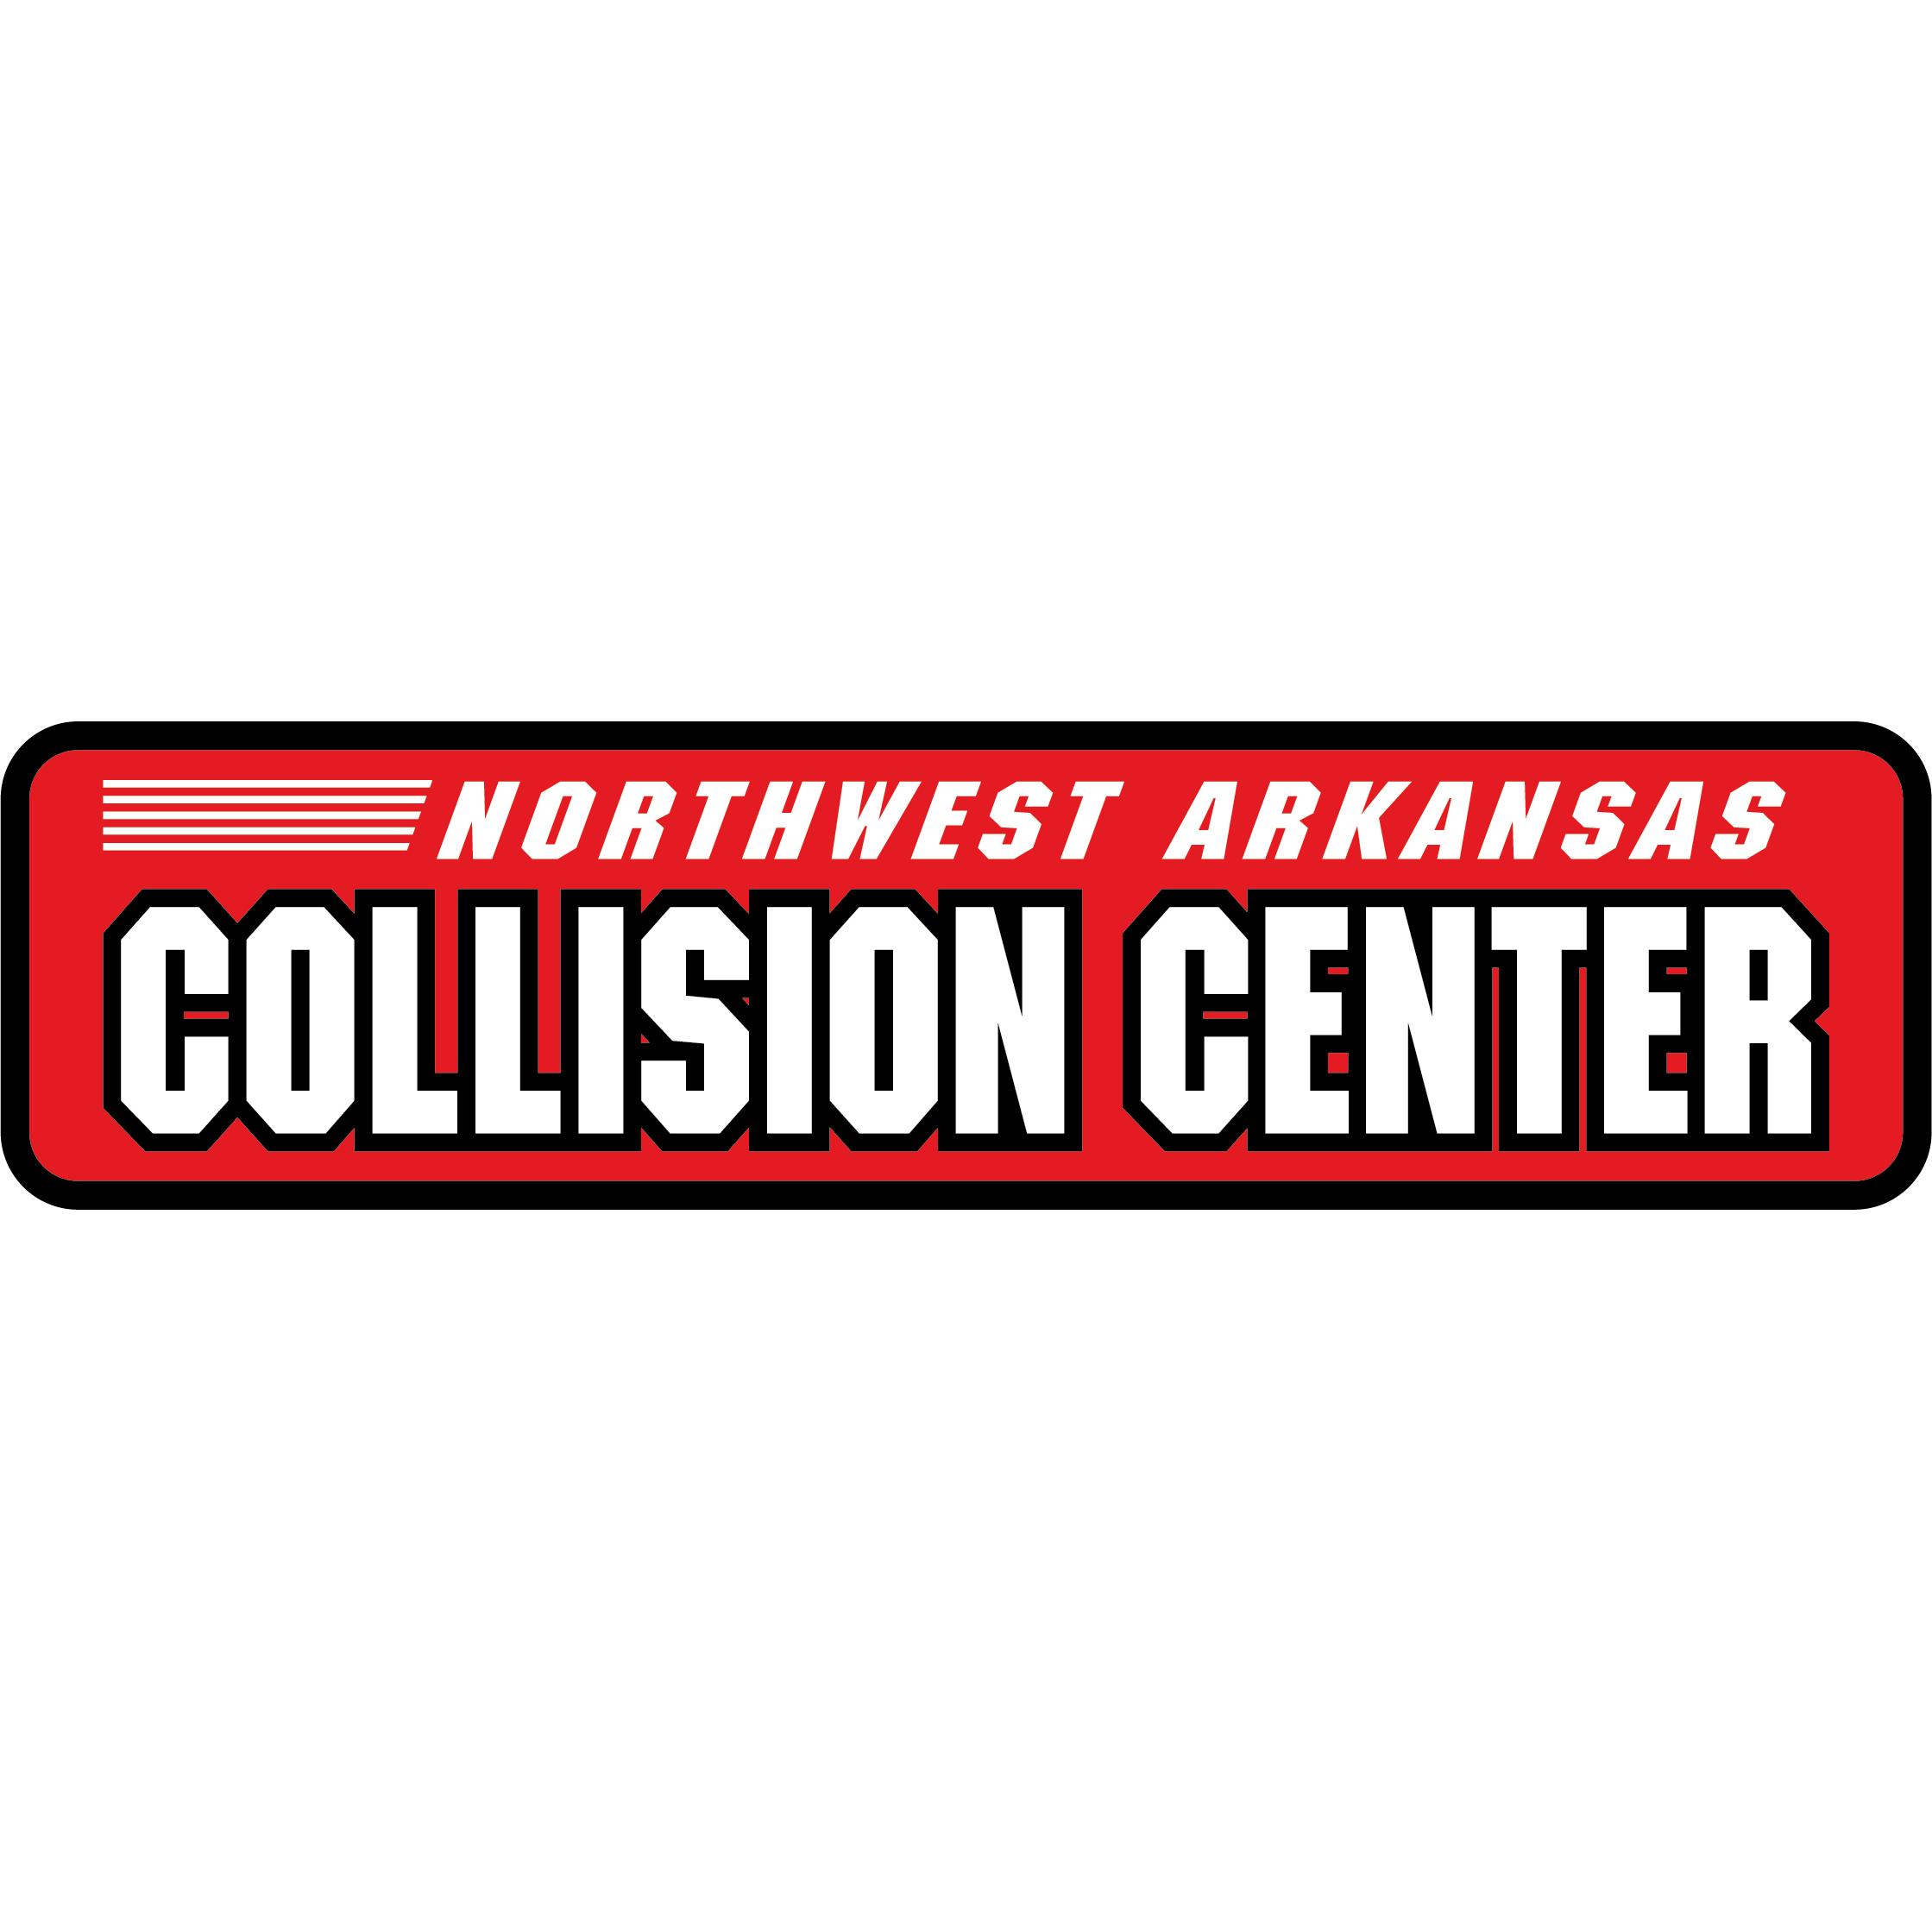 Northwest Arkansas Collision Center